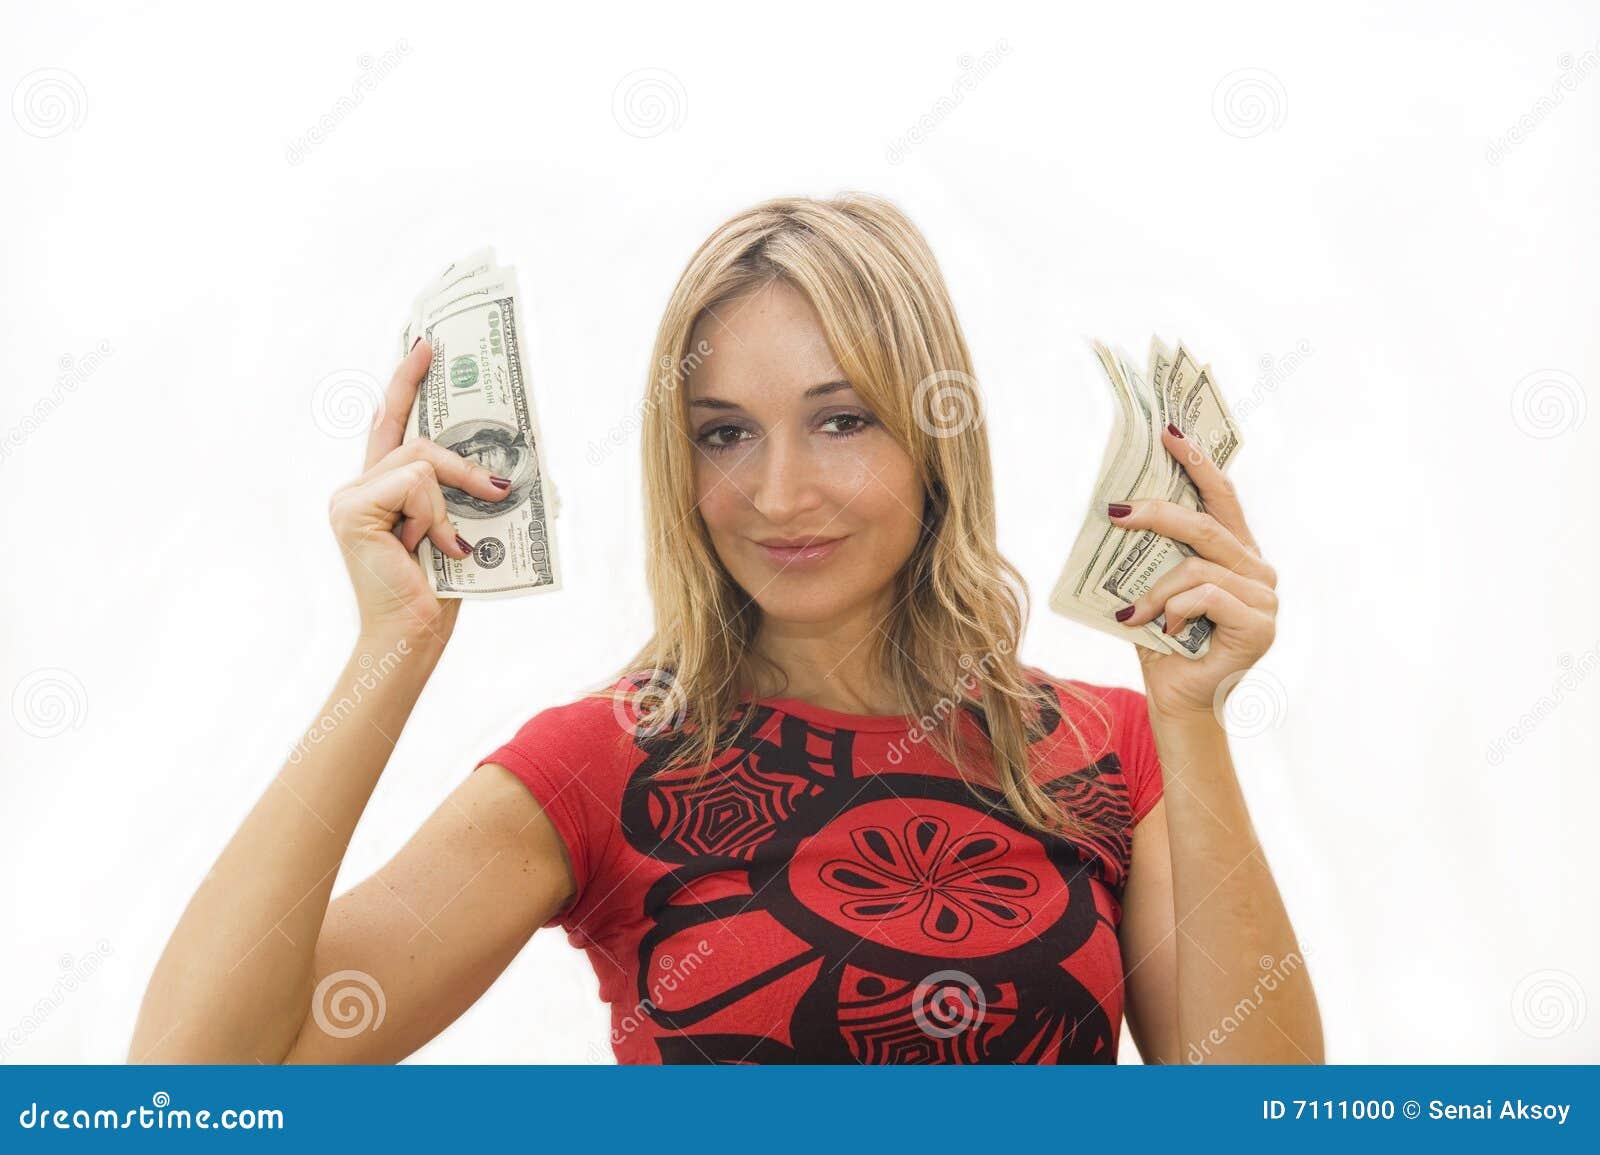 Girls in money